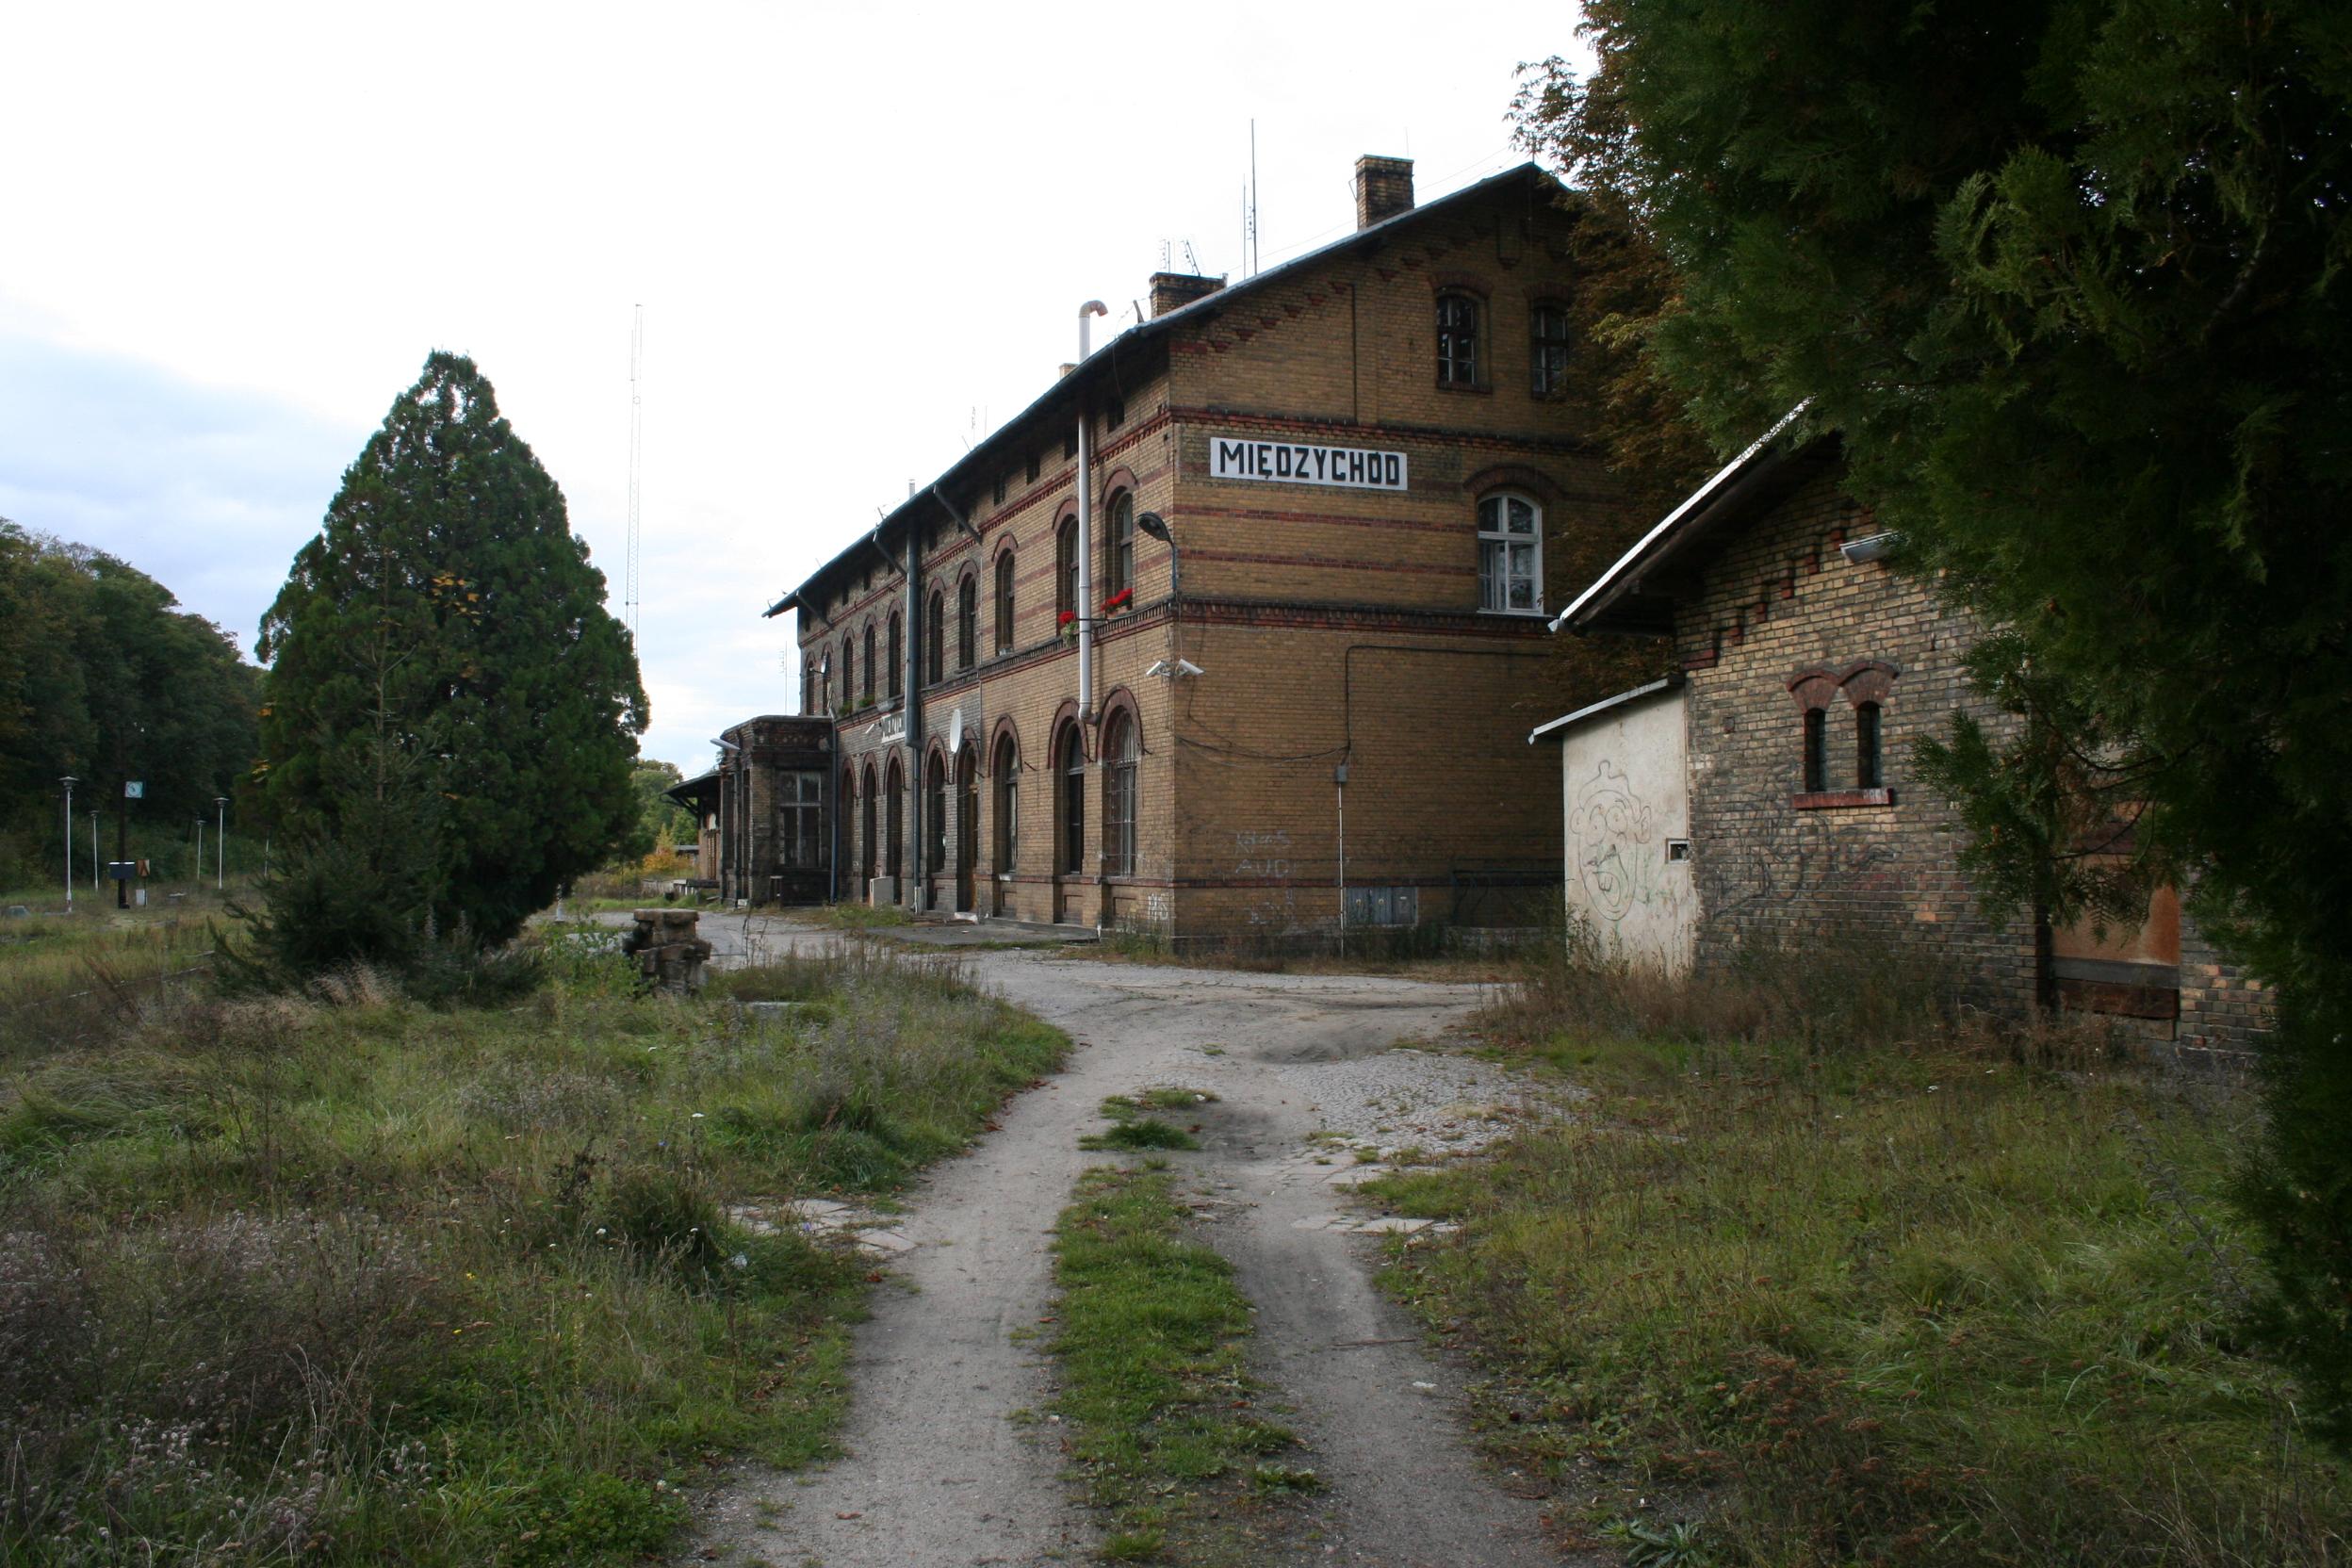 dworzec pkp międzychód  - Olympic1981 - Wikipedia